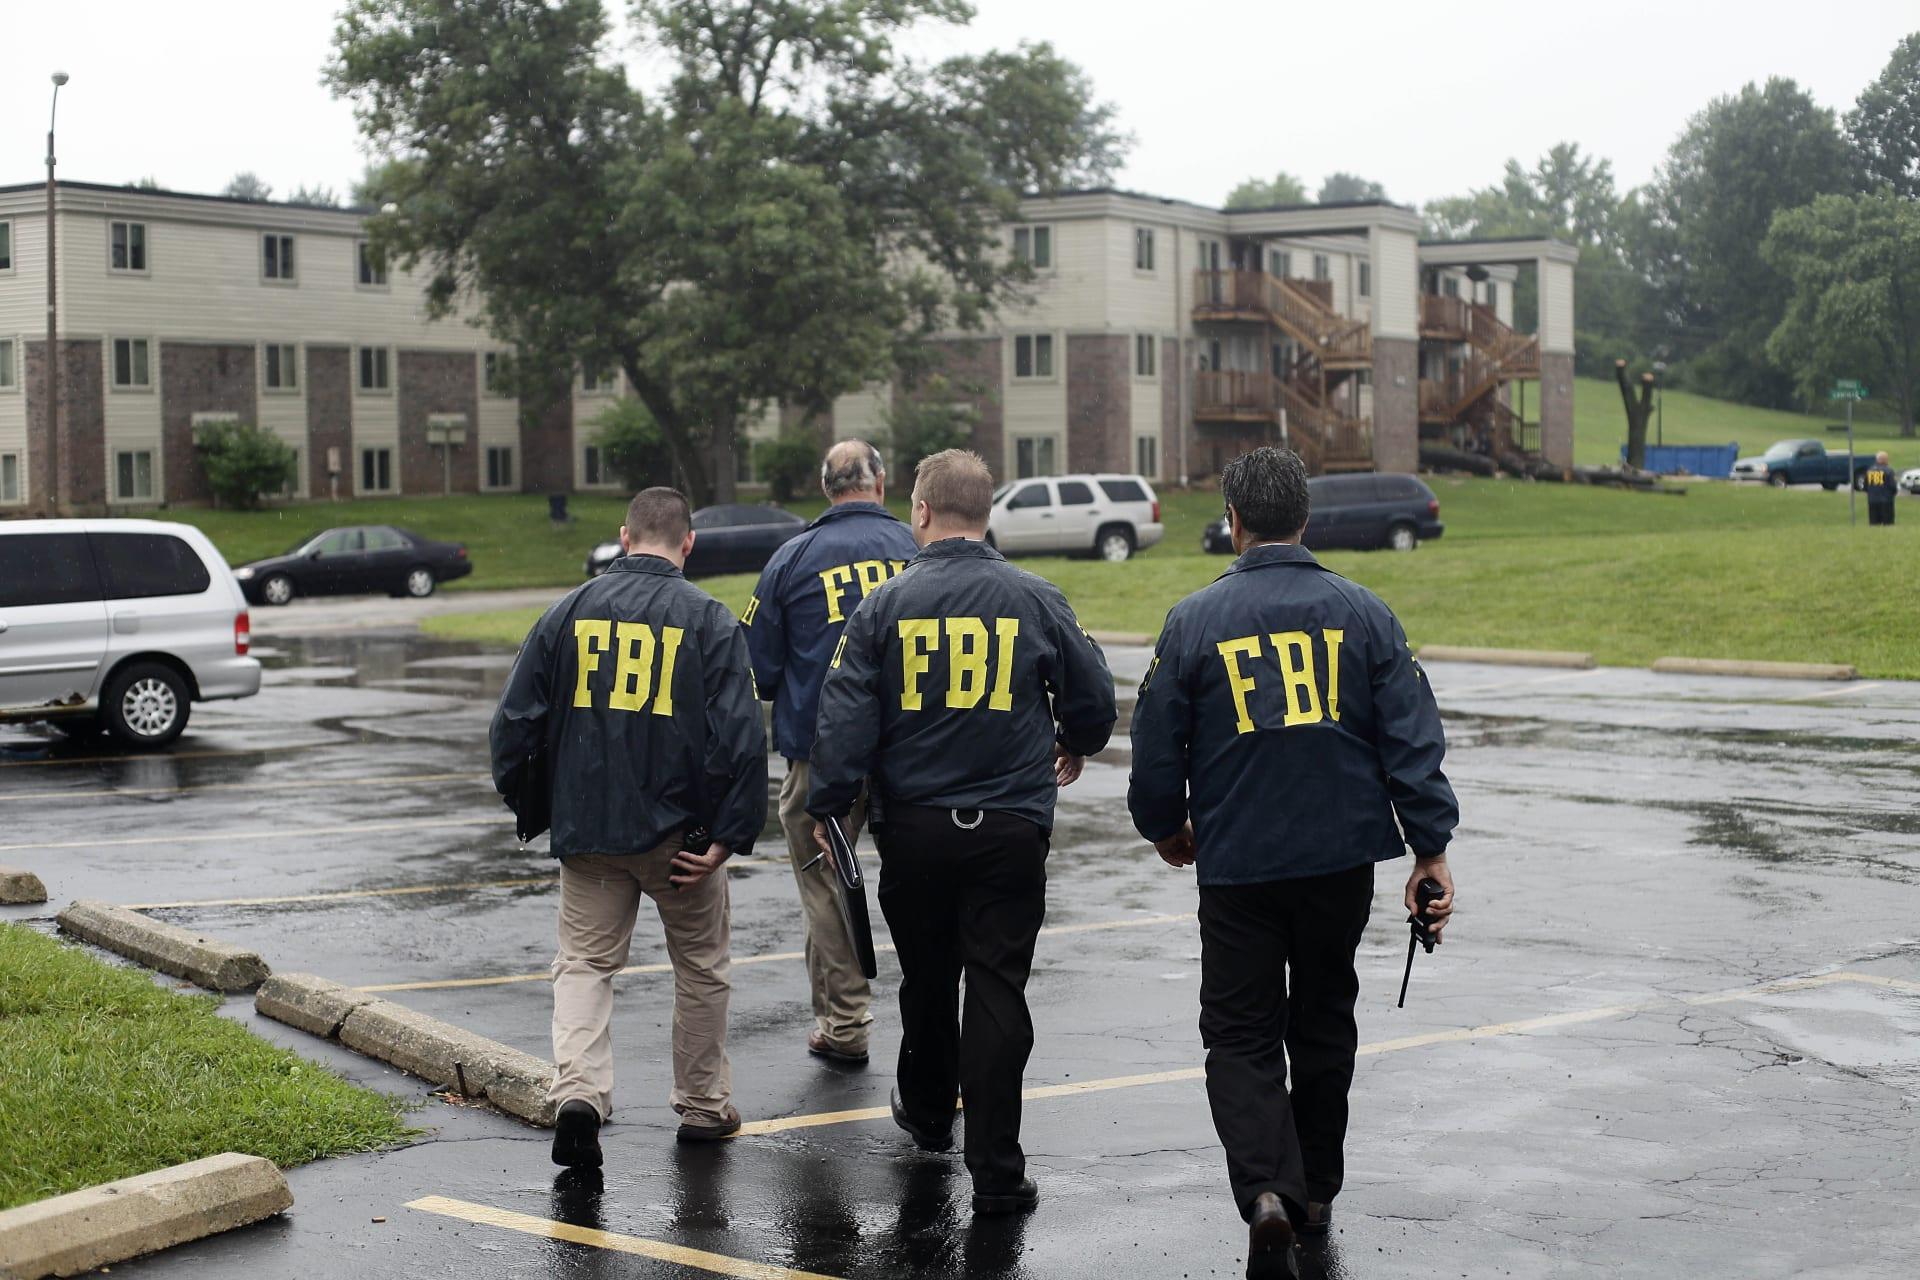 """مكتب التحقيقات الفيدرالي: اعتقال شاب مصري بتهمة تلقي أموال من """"داعش"""" لتمويل هجوم إرهابي في أمريكا"""